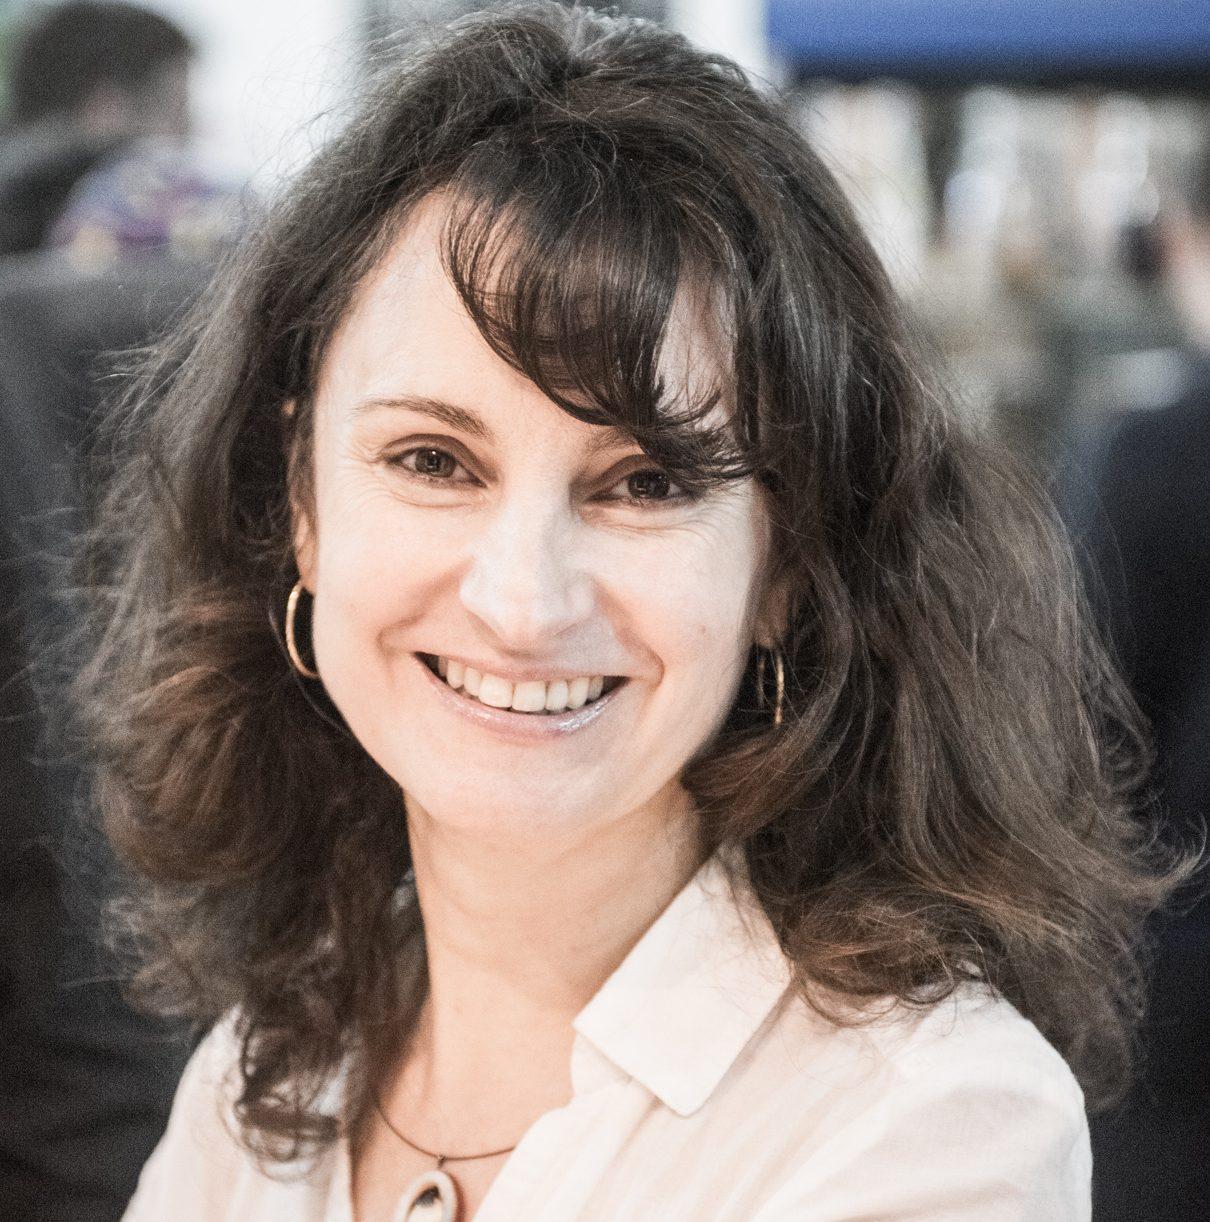 Dorota Müllerová